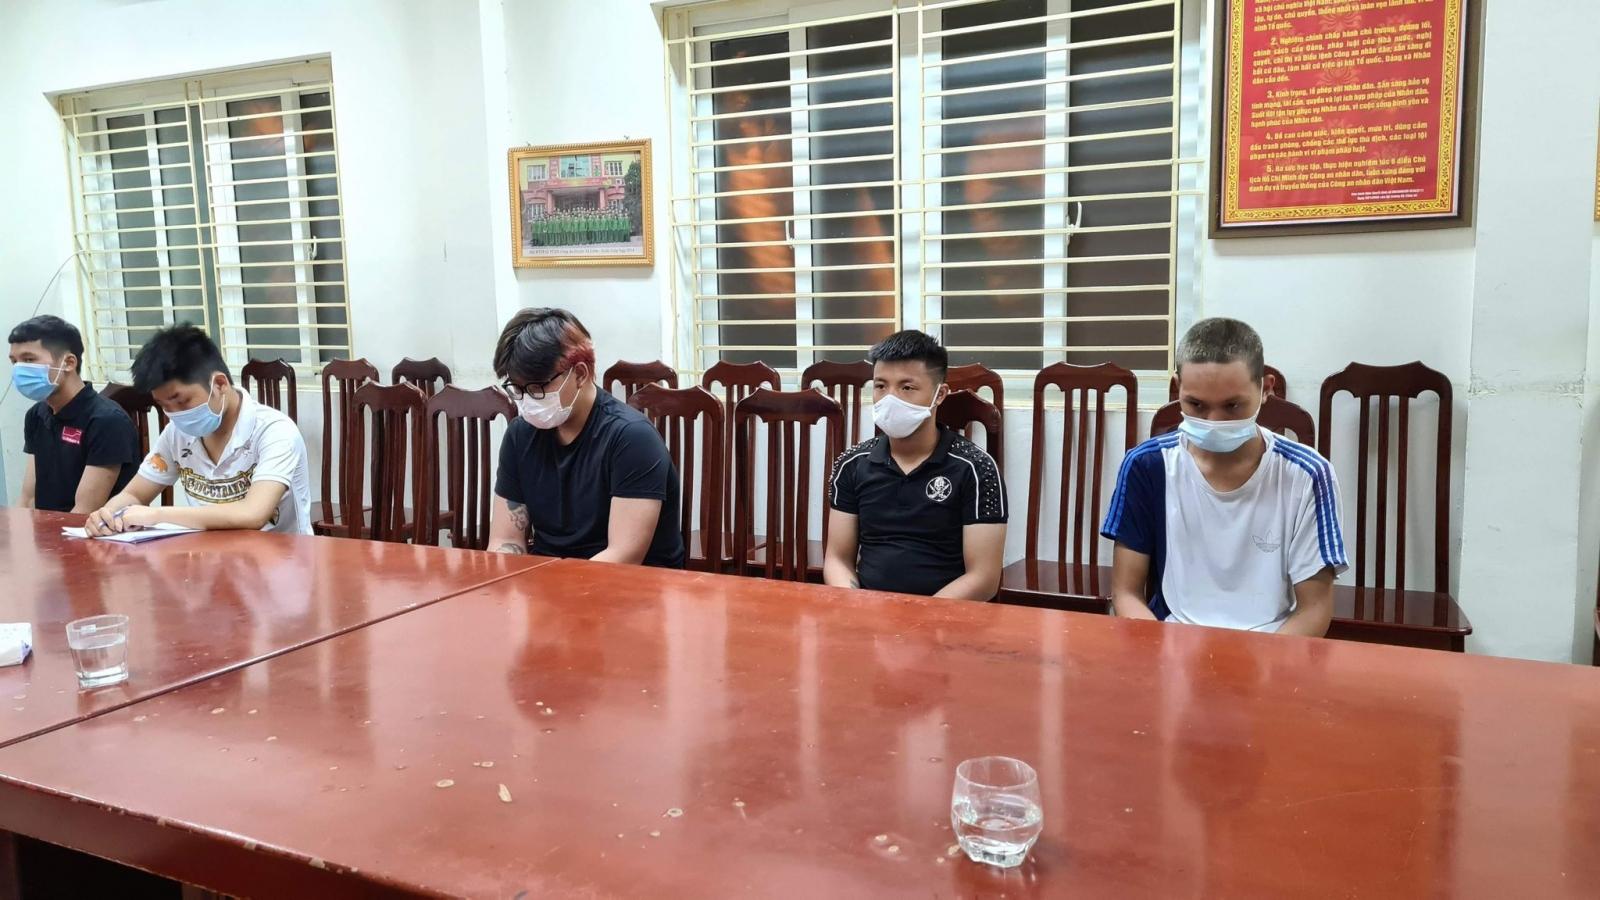 Bắt đối tượng thứ 5 trong vụ cướp xe của nữ lao công ở Hà Nội